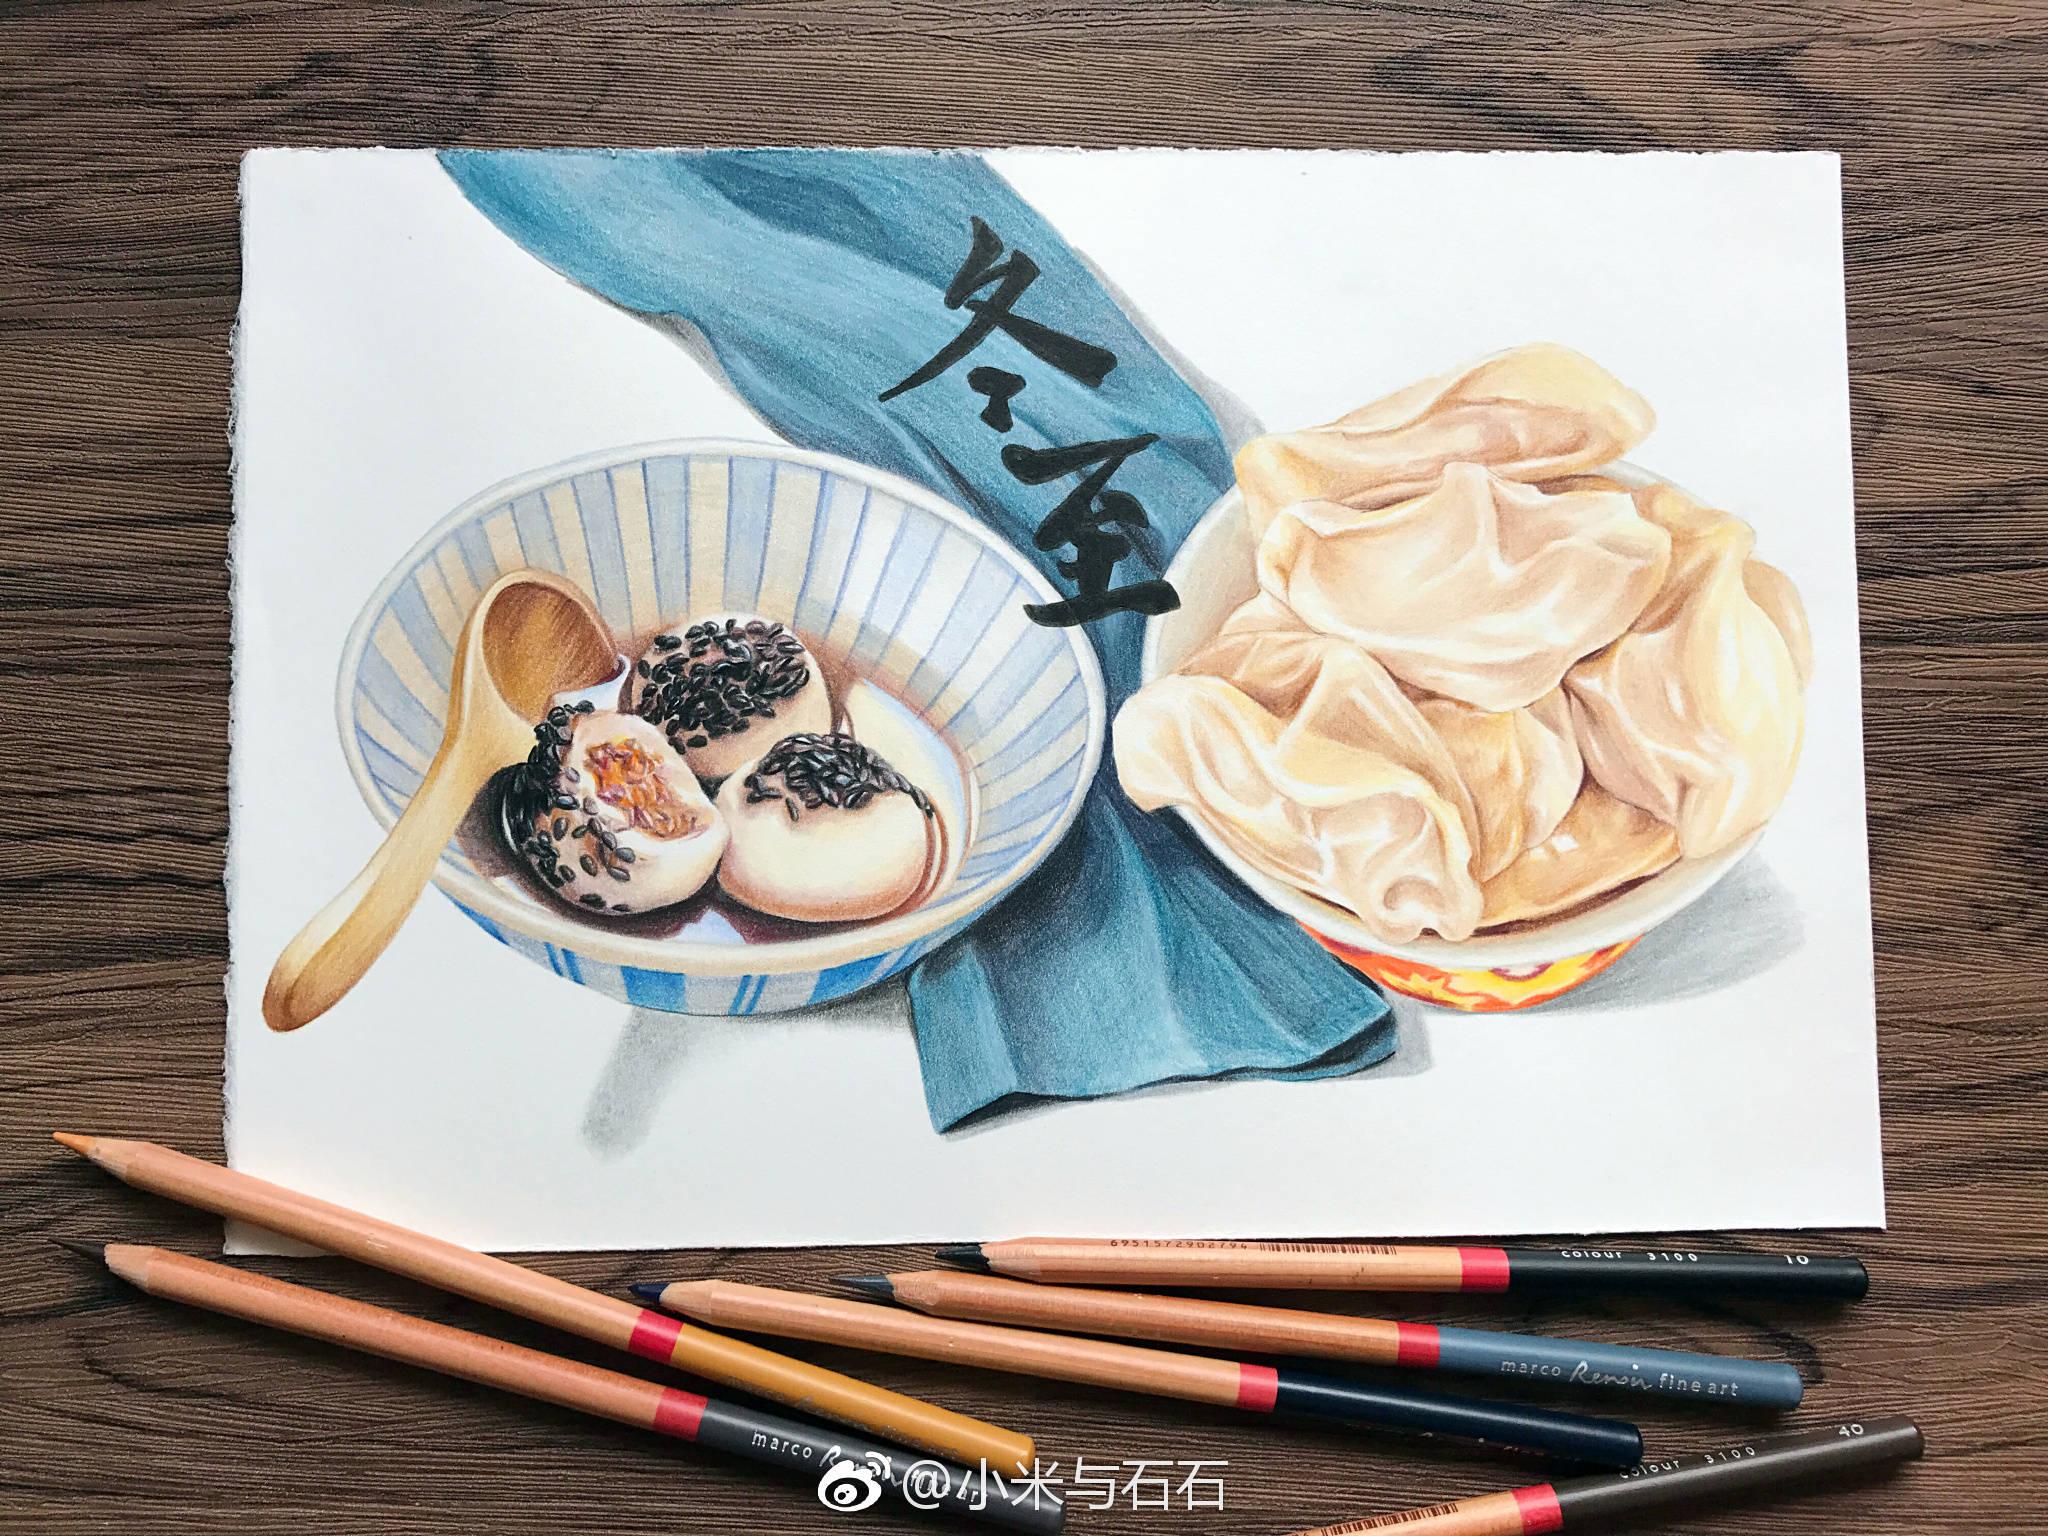 彩铅手绘二十四节气之美食,中国传统的时令多么美好